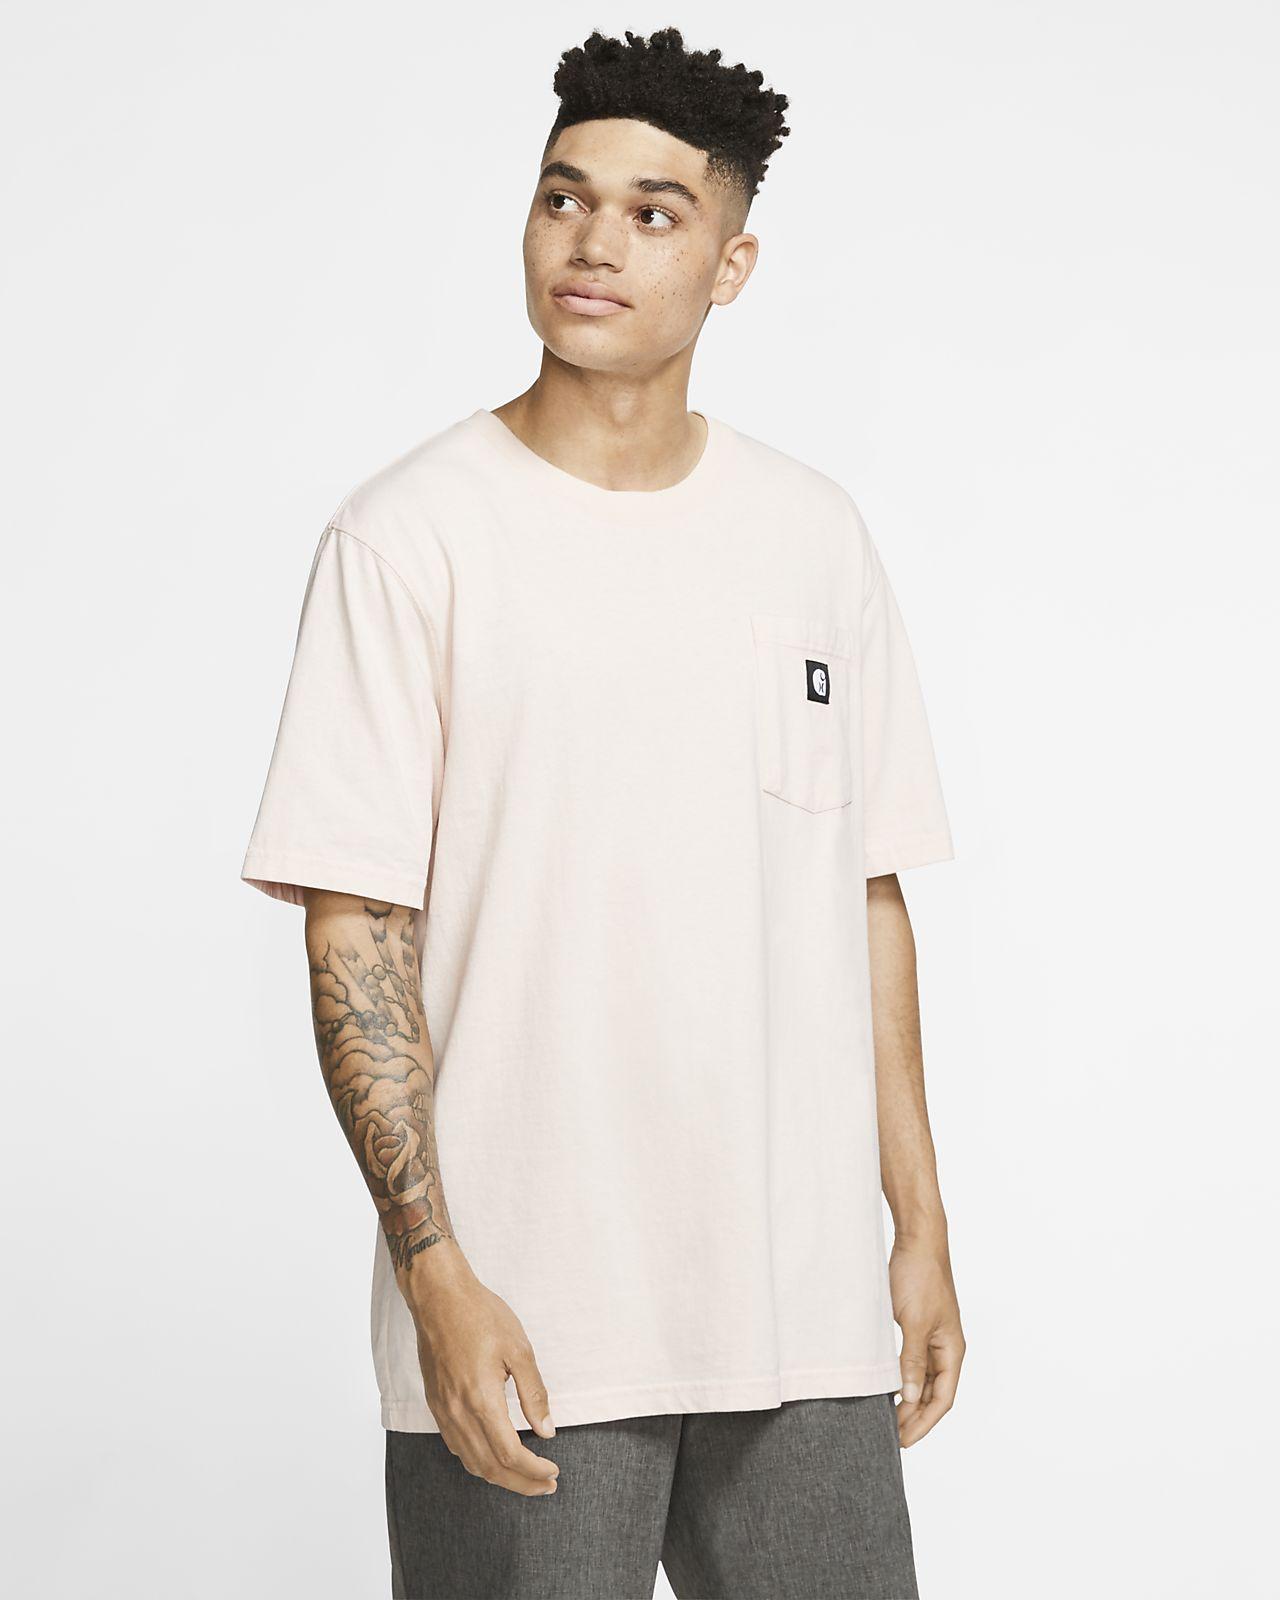 Hurley x Carhartt T-shirt voor heren